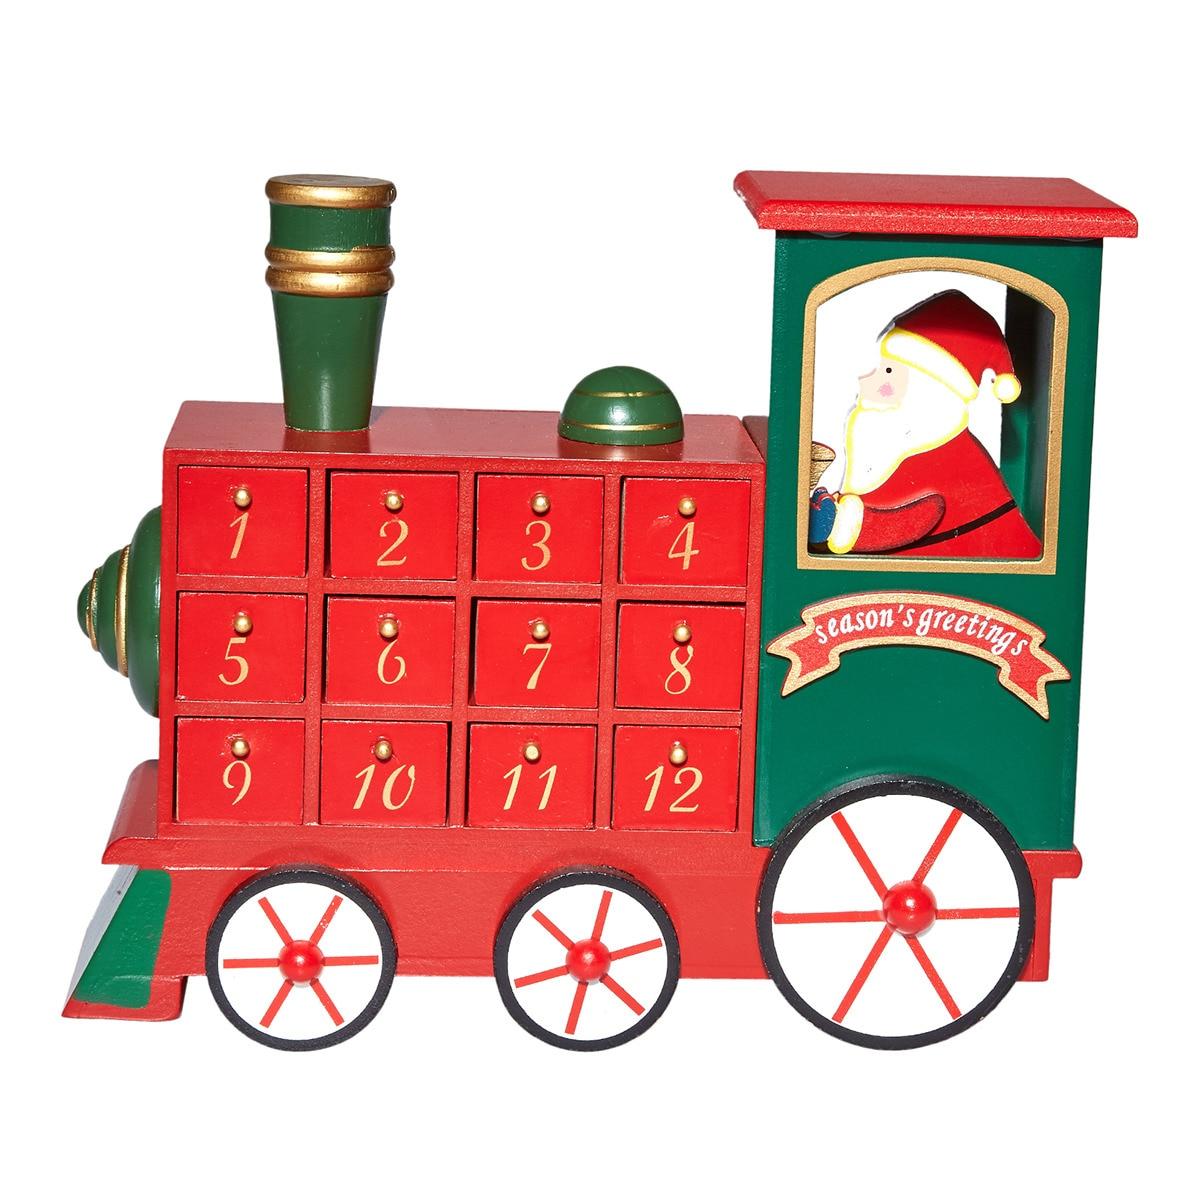 Calendario de adviento con forma de tren